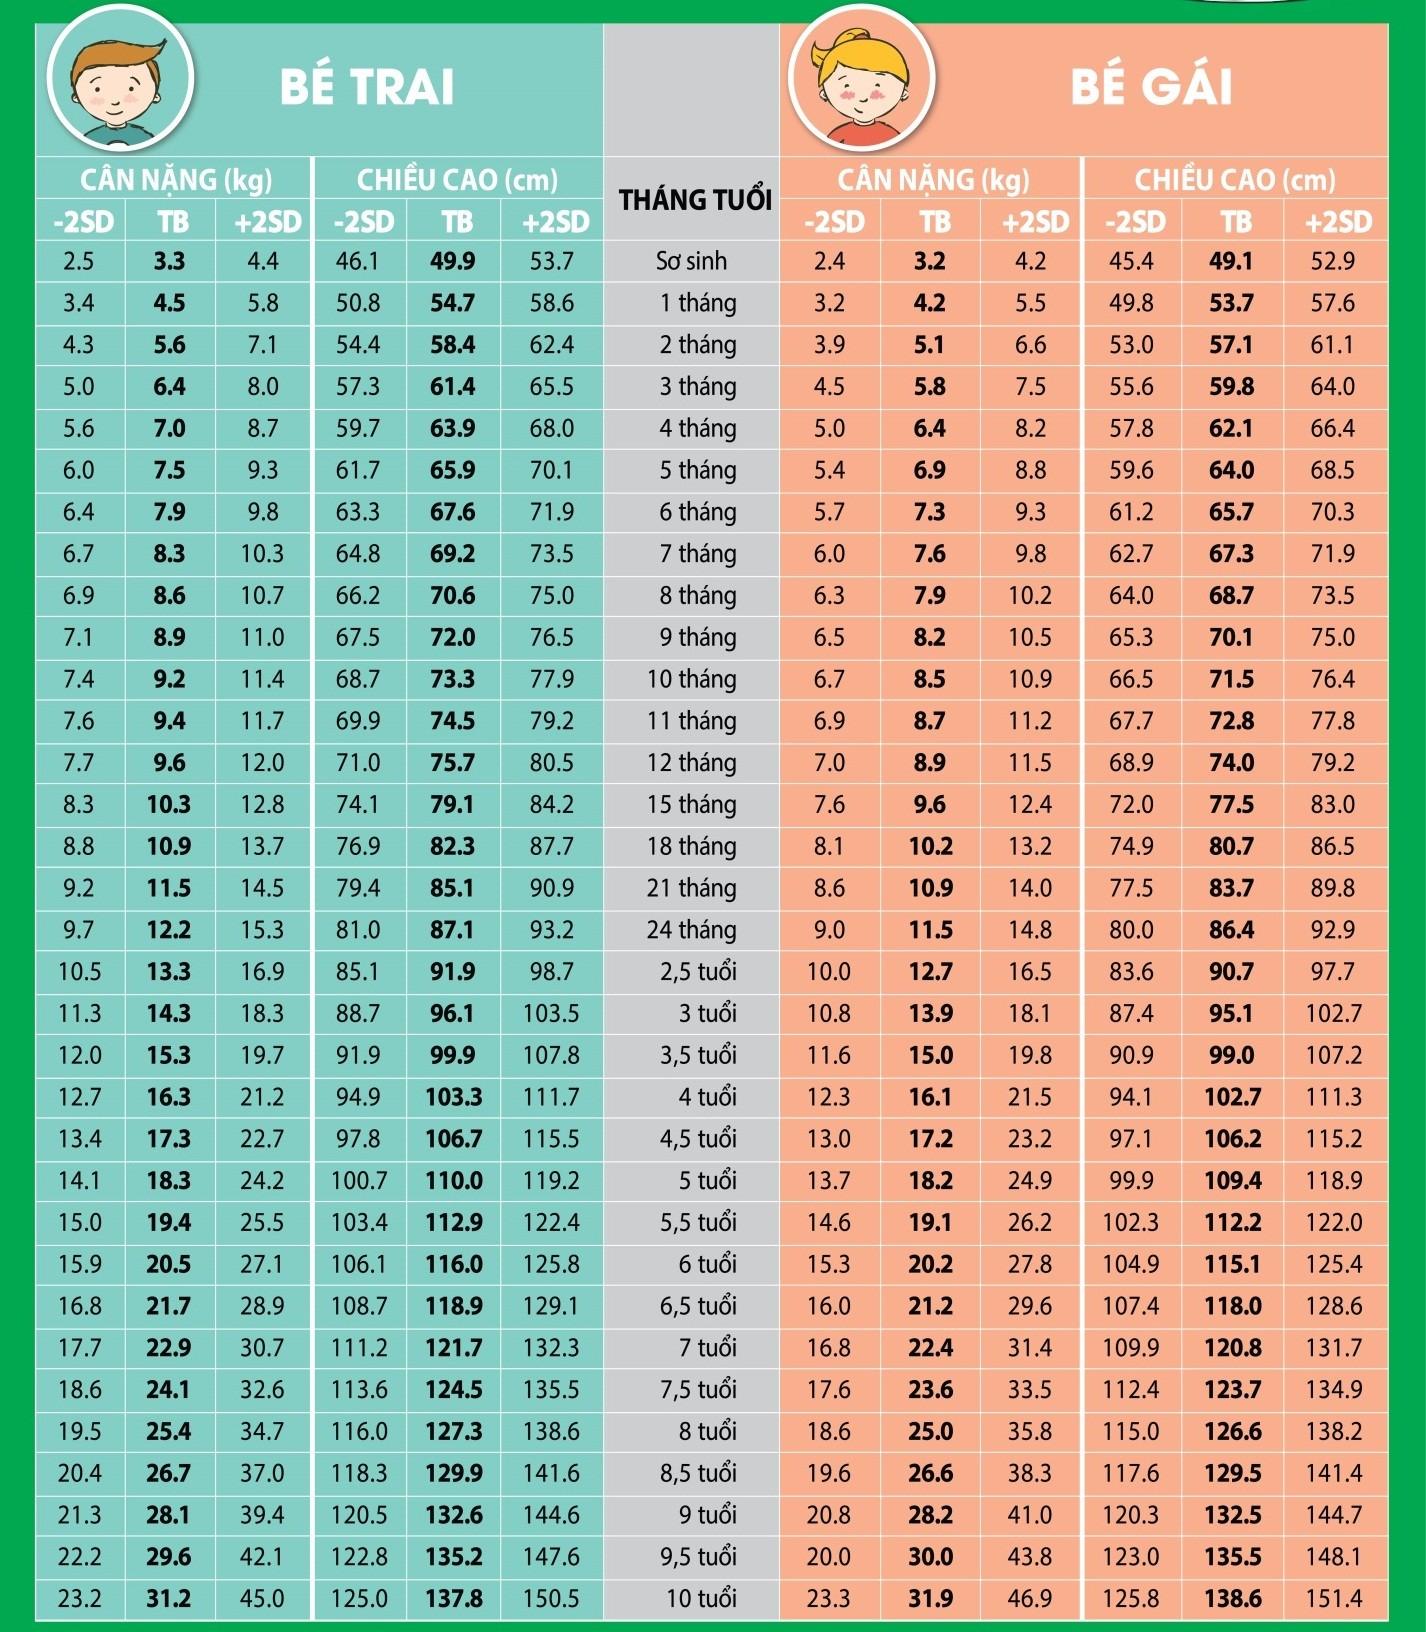 Bảng đo chiều cao cân nặng cho trẻ từ 0 – 10 tuổi